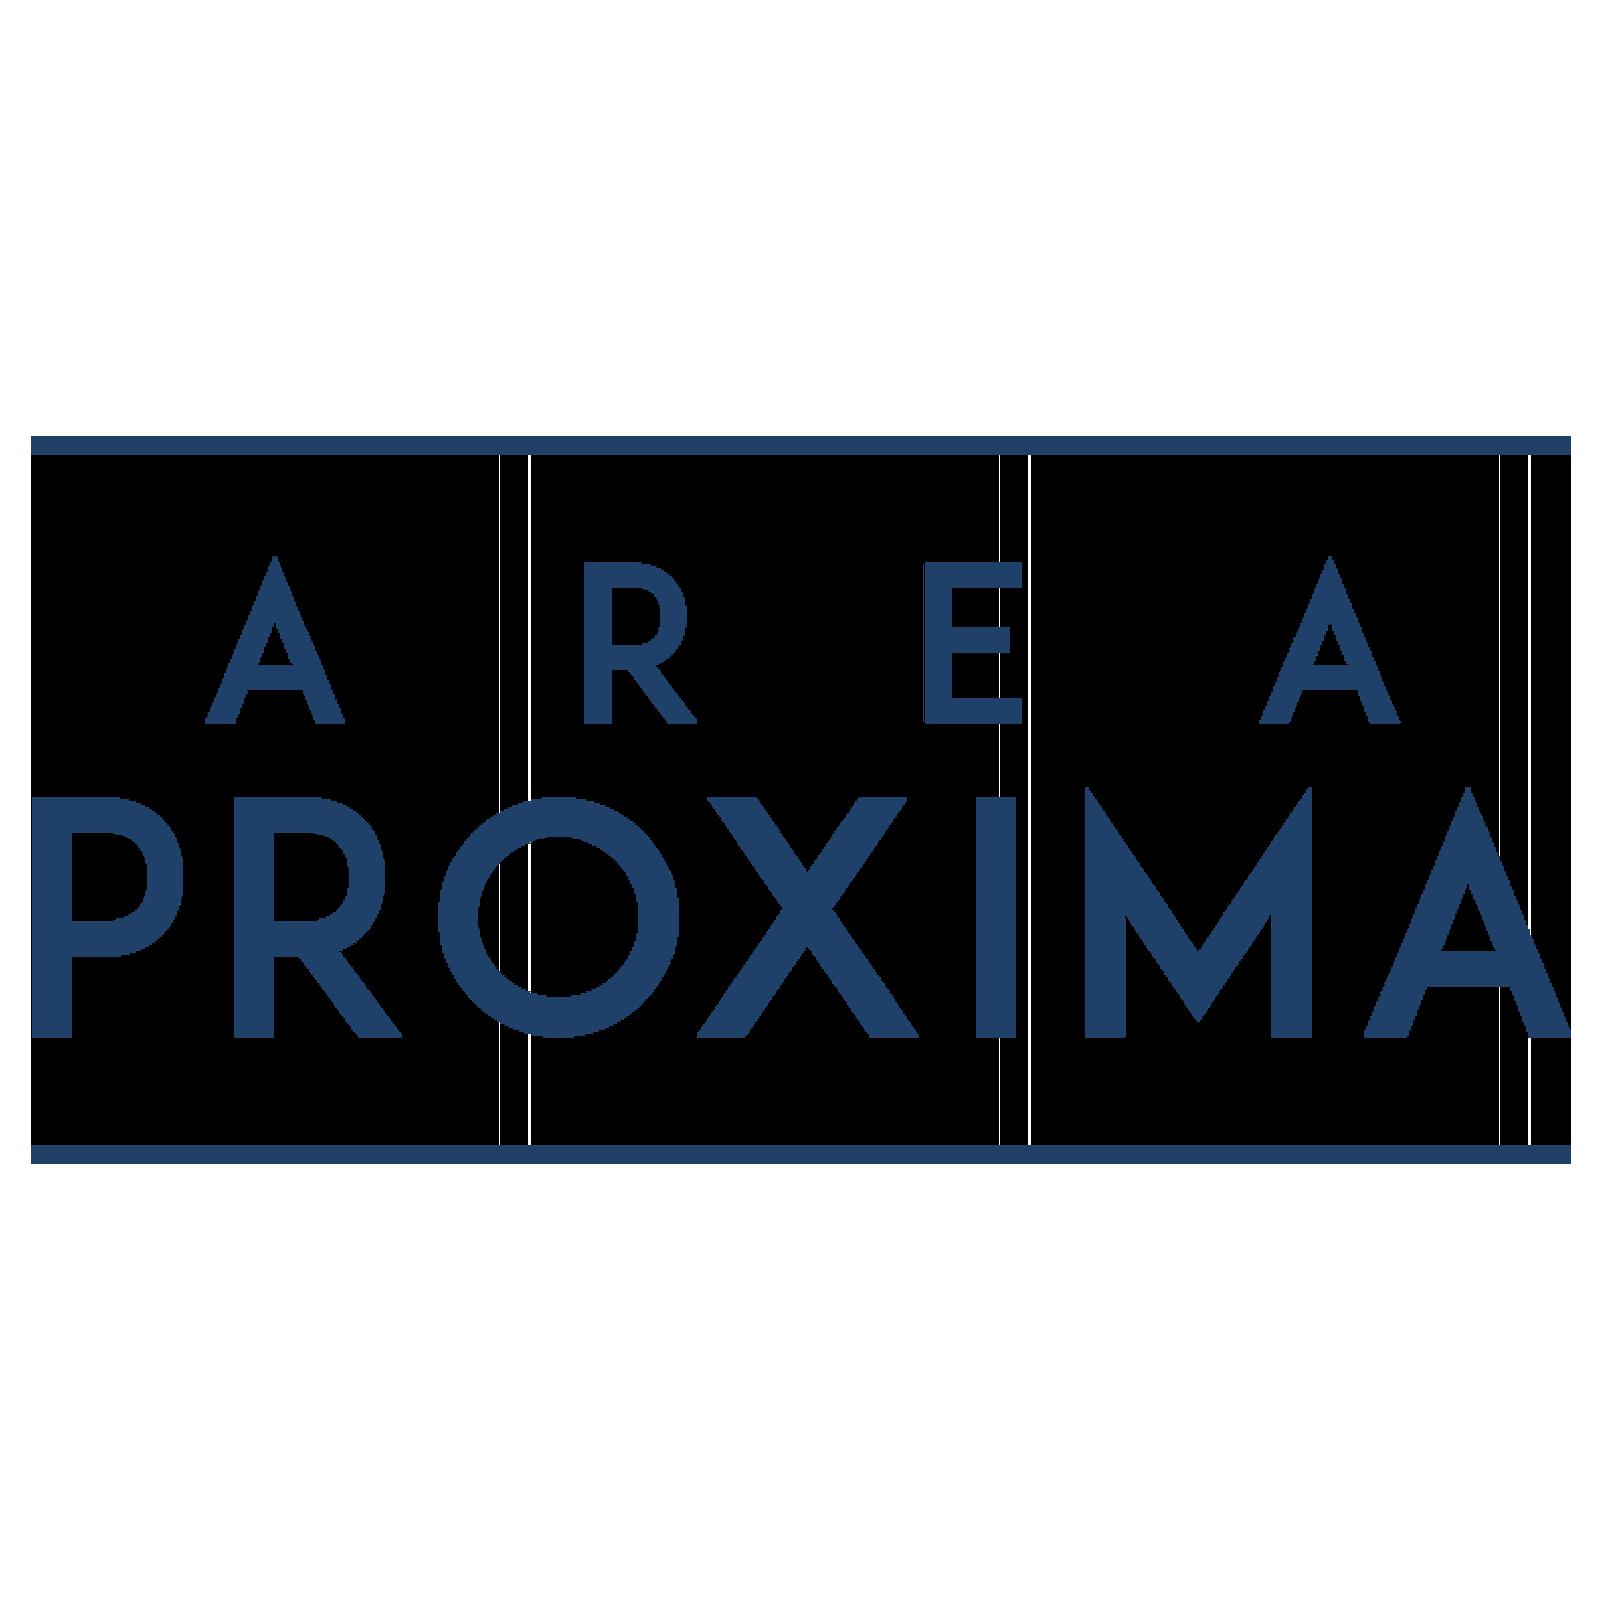 Fragile Srl - Area Proxima